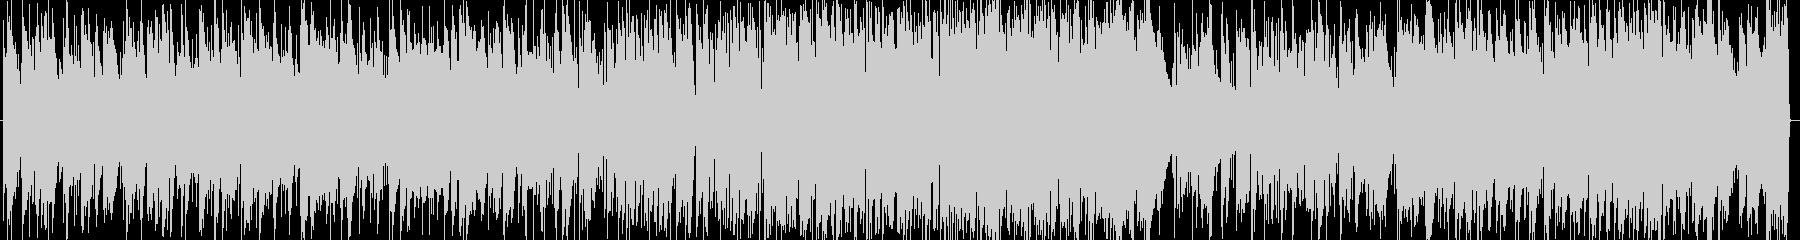 モルダウのジャズピアノの未再生の波形